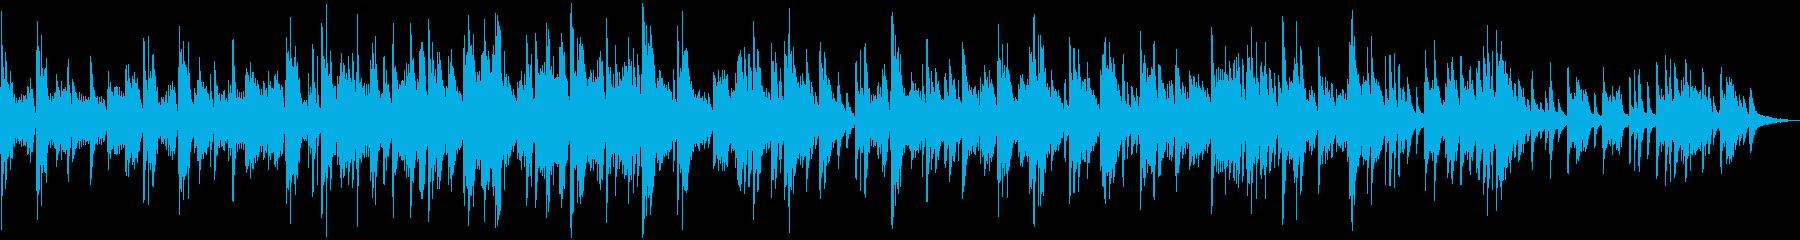 ラウンジ・サロン・森林浴 爽やかなピアノの再生済みの波形